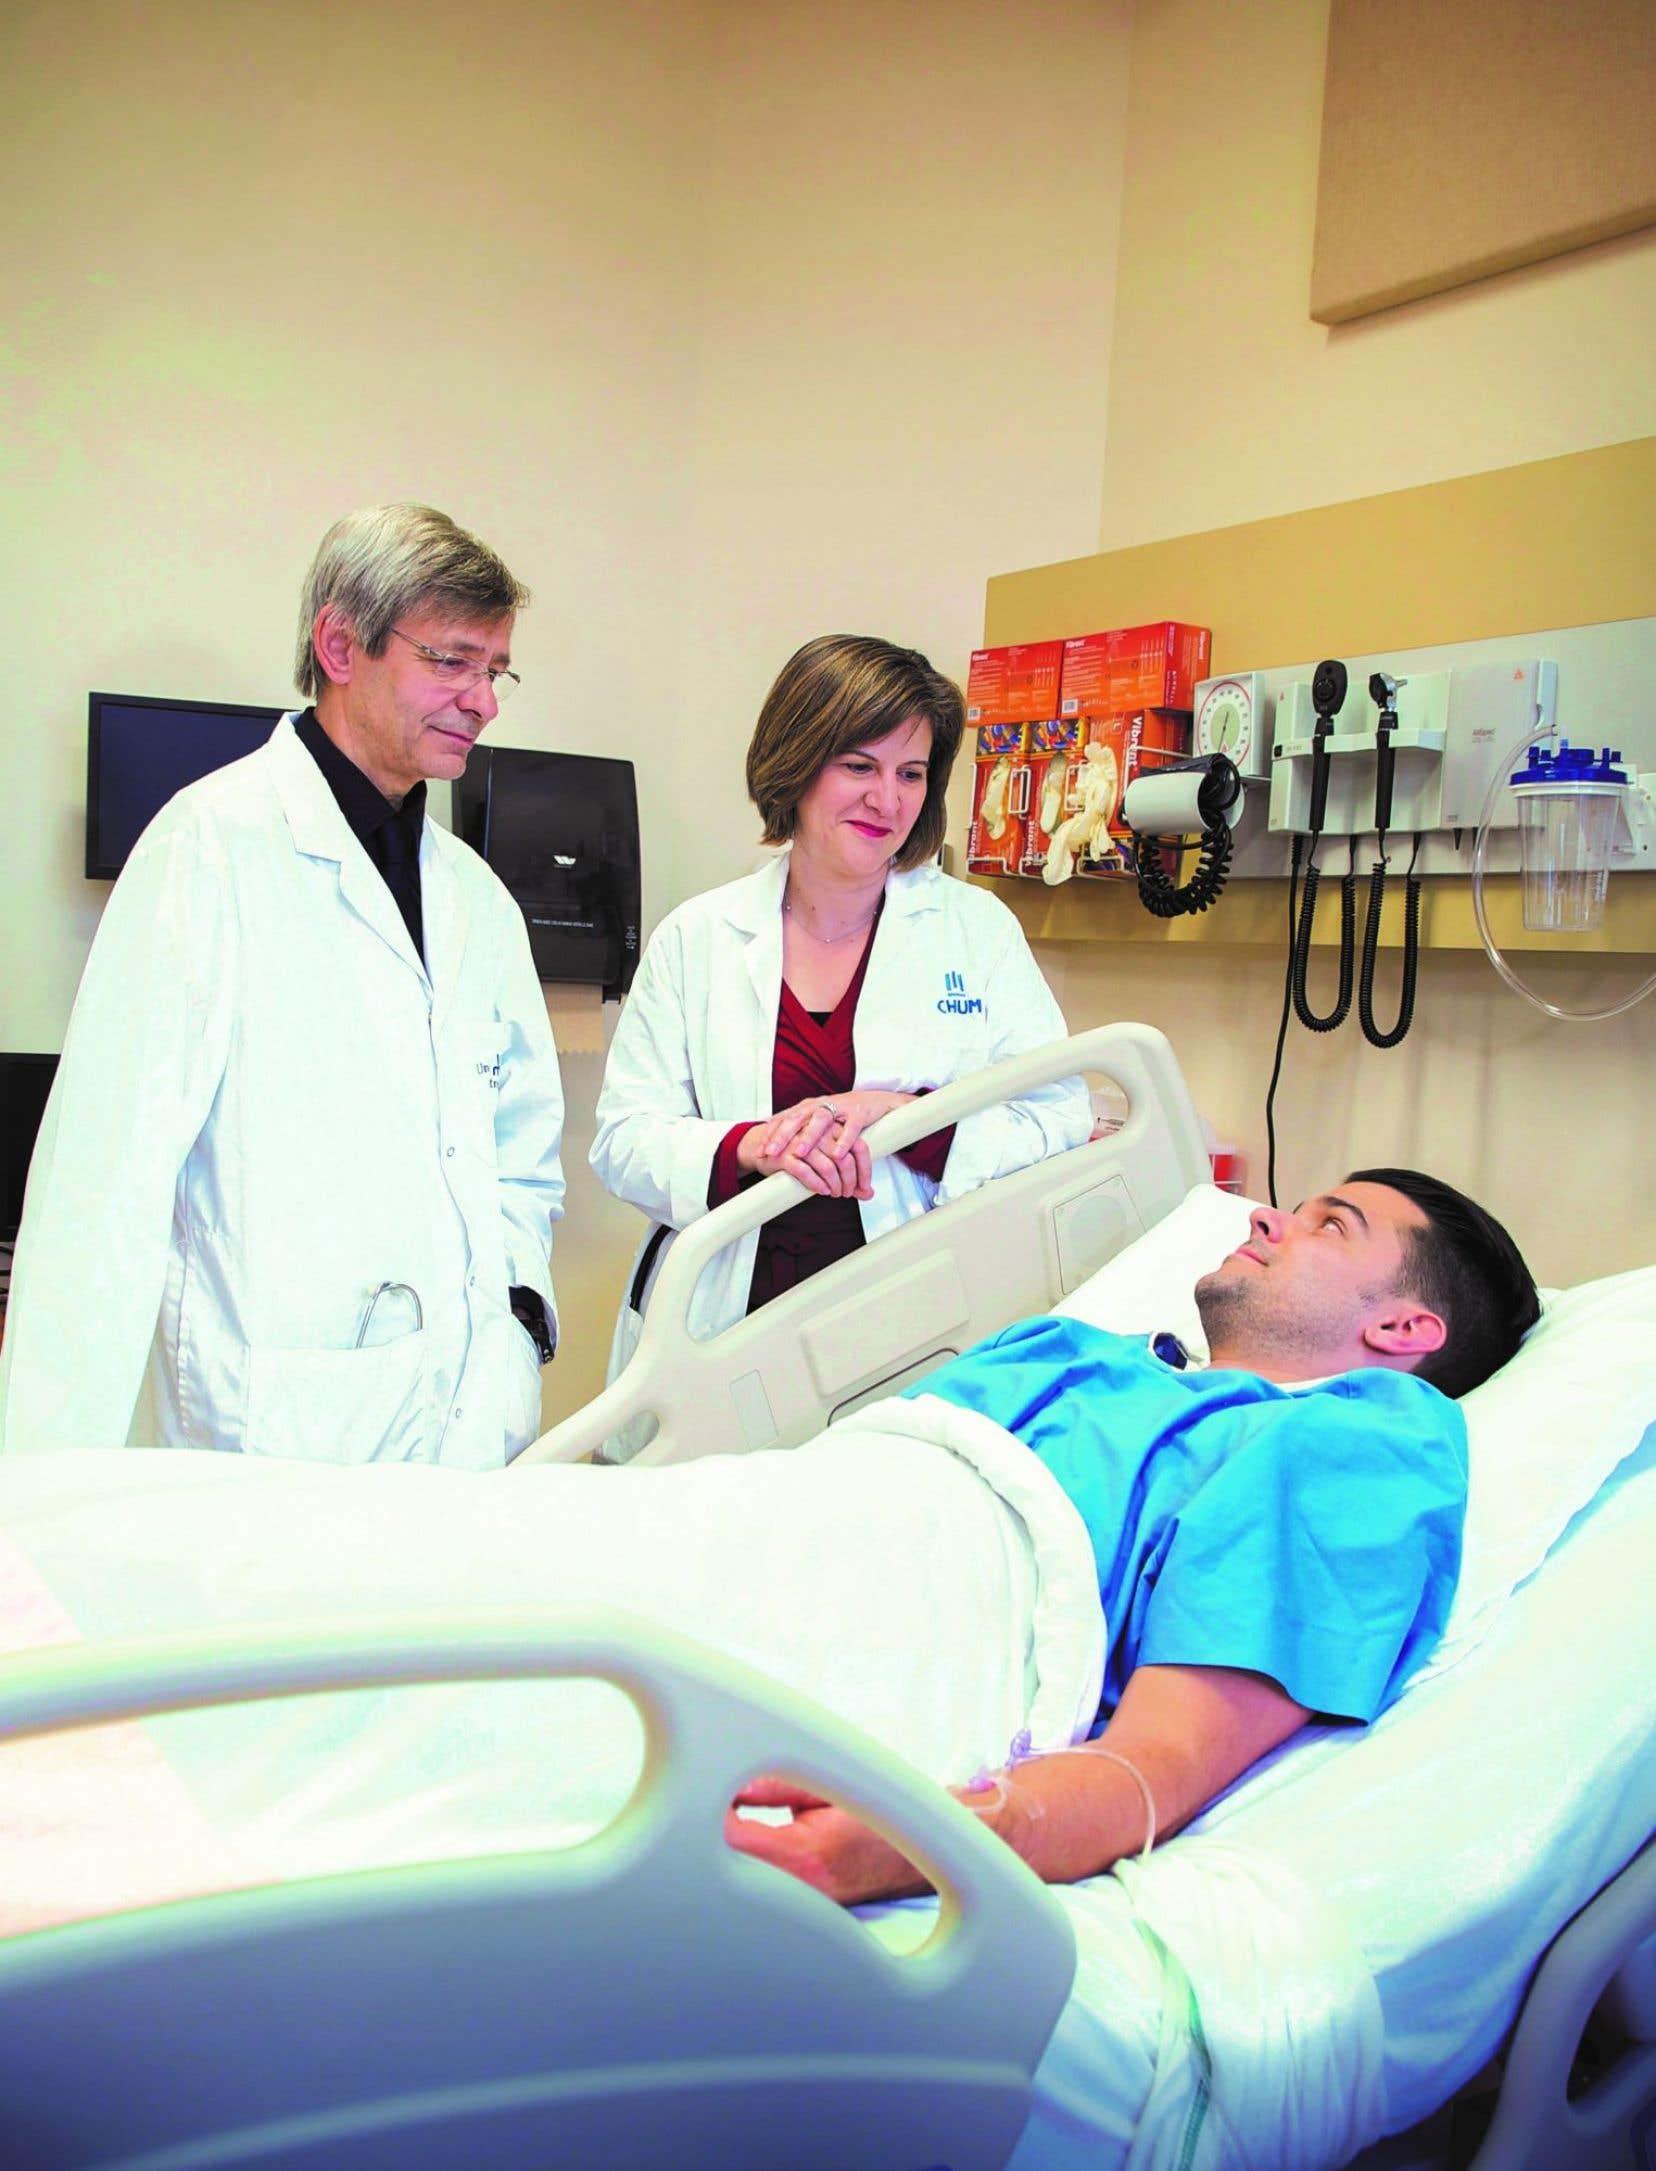 Les Drs Michel Carrier et Marie-Josée Hébert sont deux chefs de file en transplantation d'organes, autant en recherche qu'en soins cliniques.